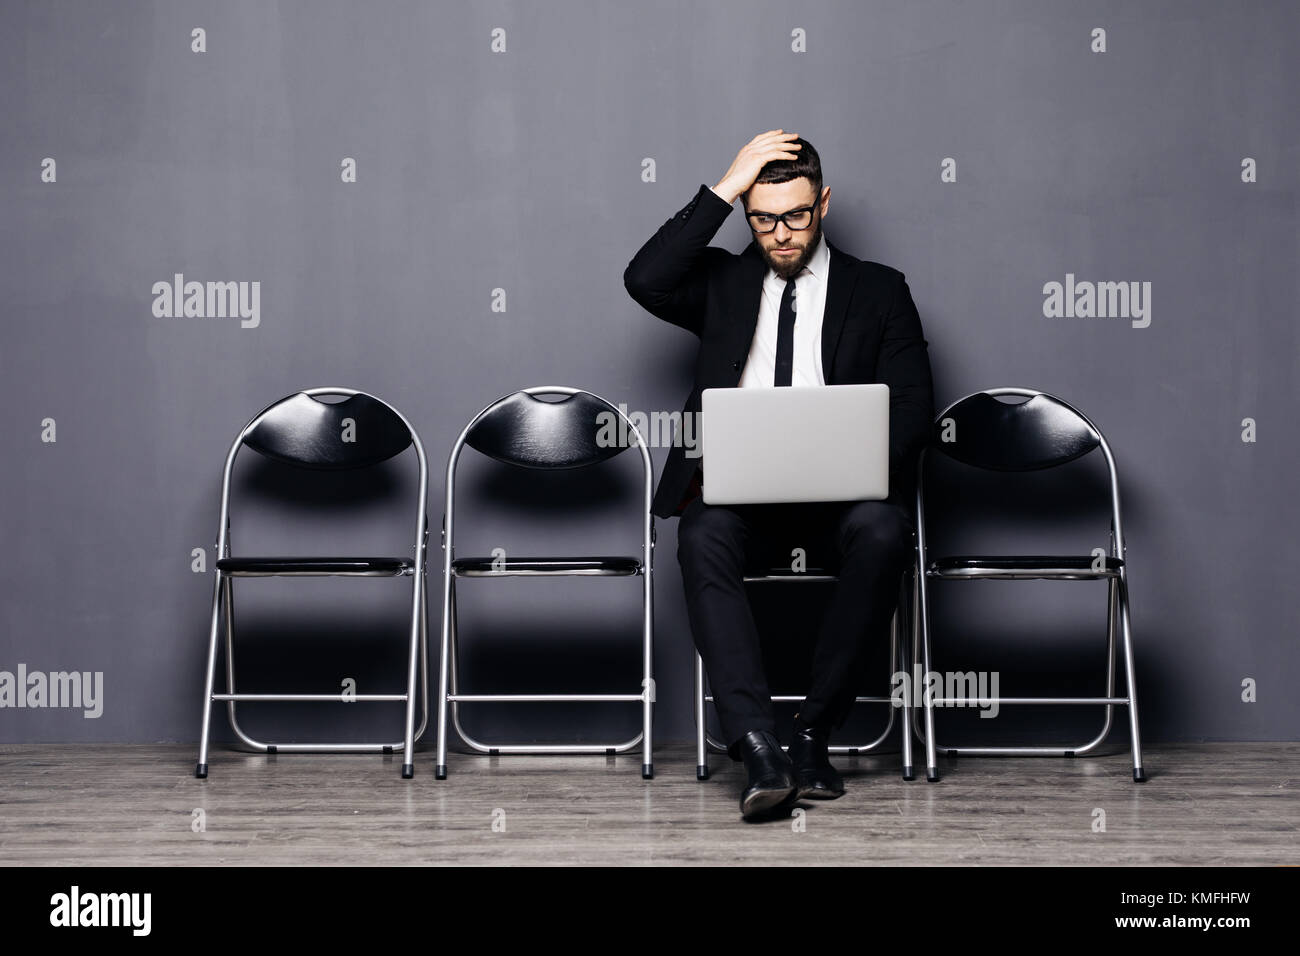 Junger Mann in Anzug sitzen auf Stuhl mit Laptop und warten auf Job Interview Stockbild